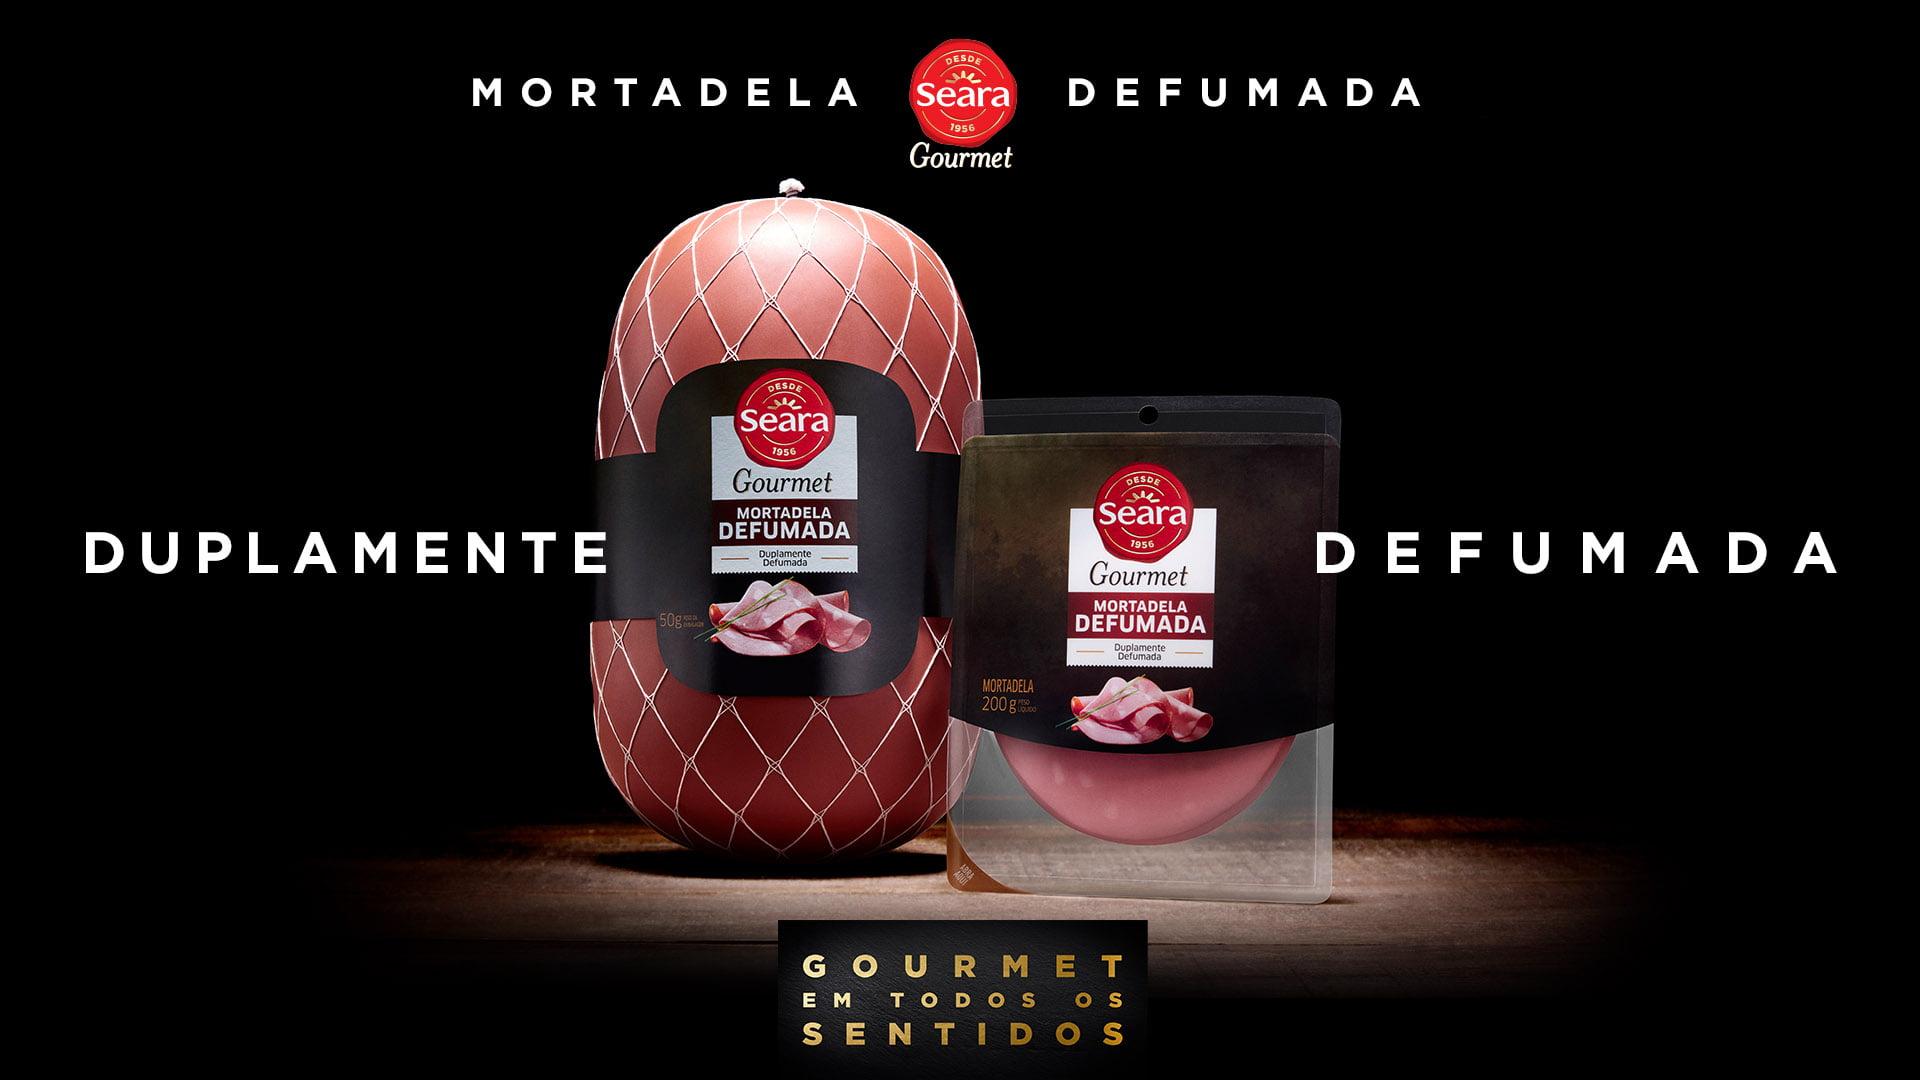 Seara Gourmet desperta todos os sentidos em nova campanha da Mortadela duplamente Defumada